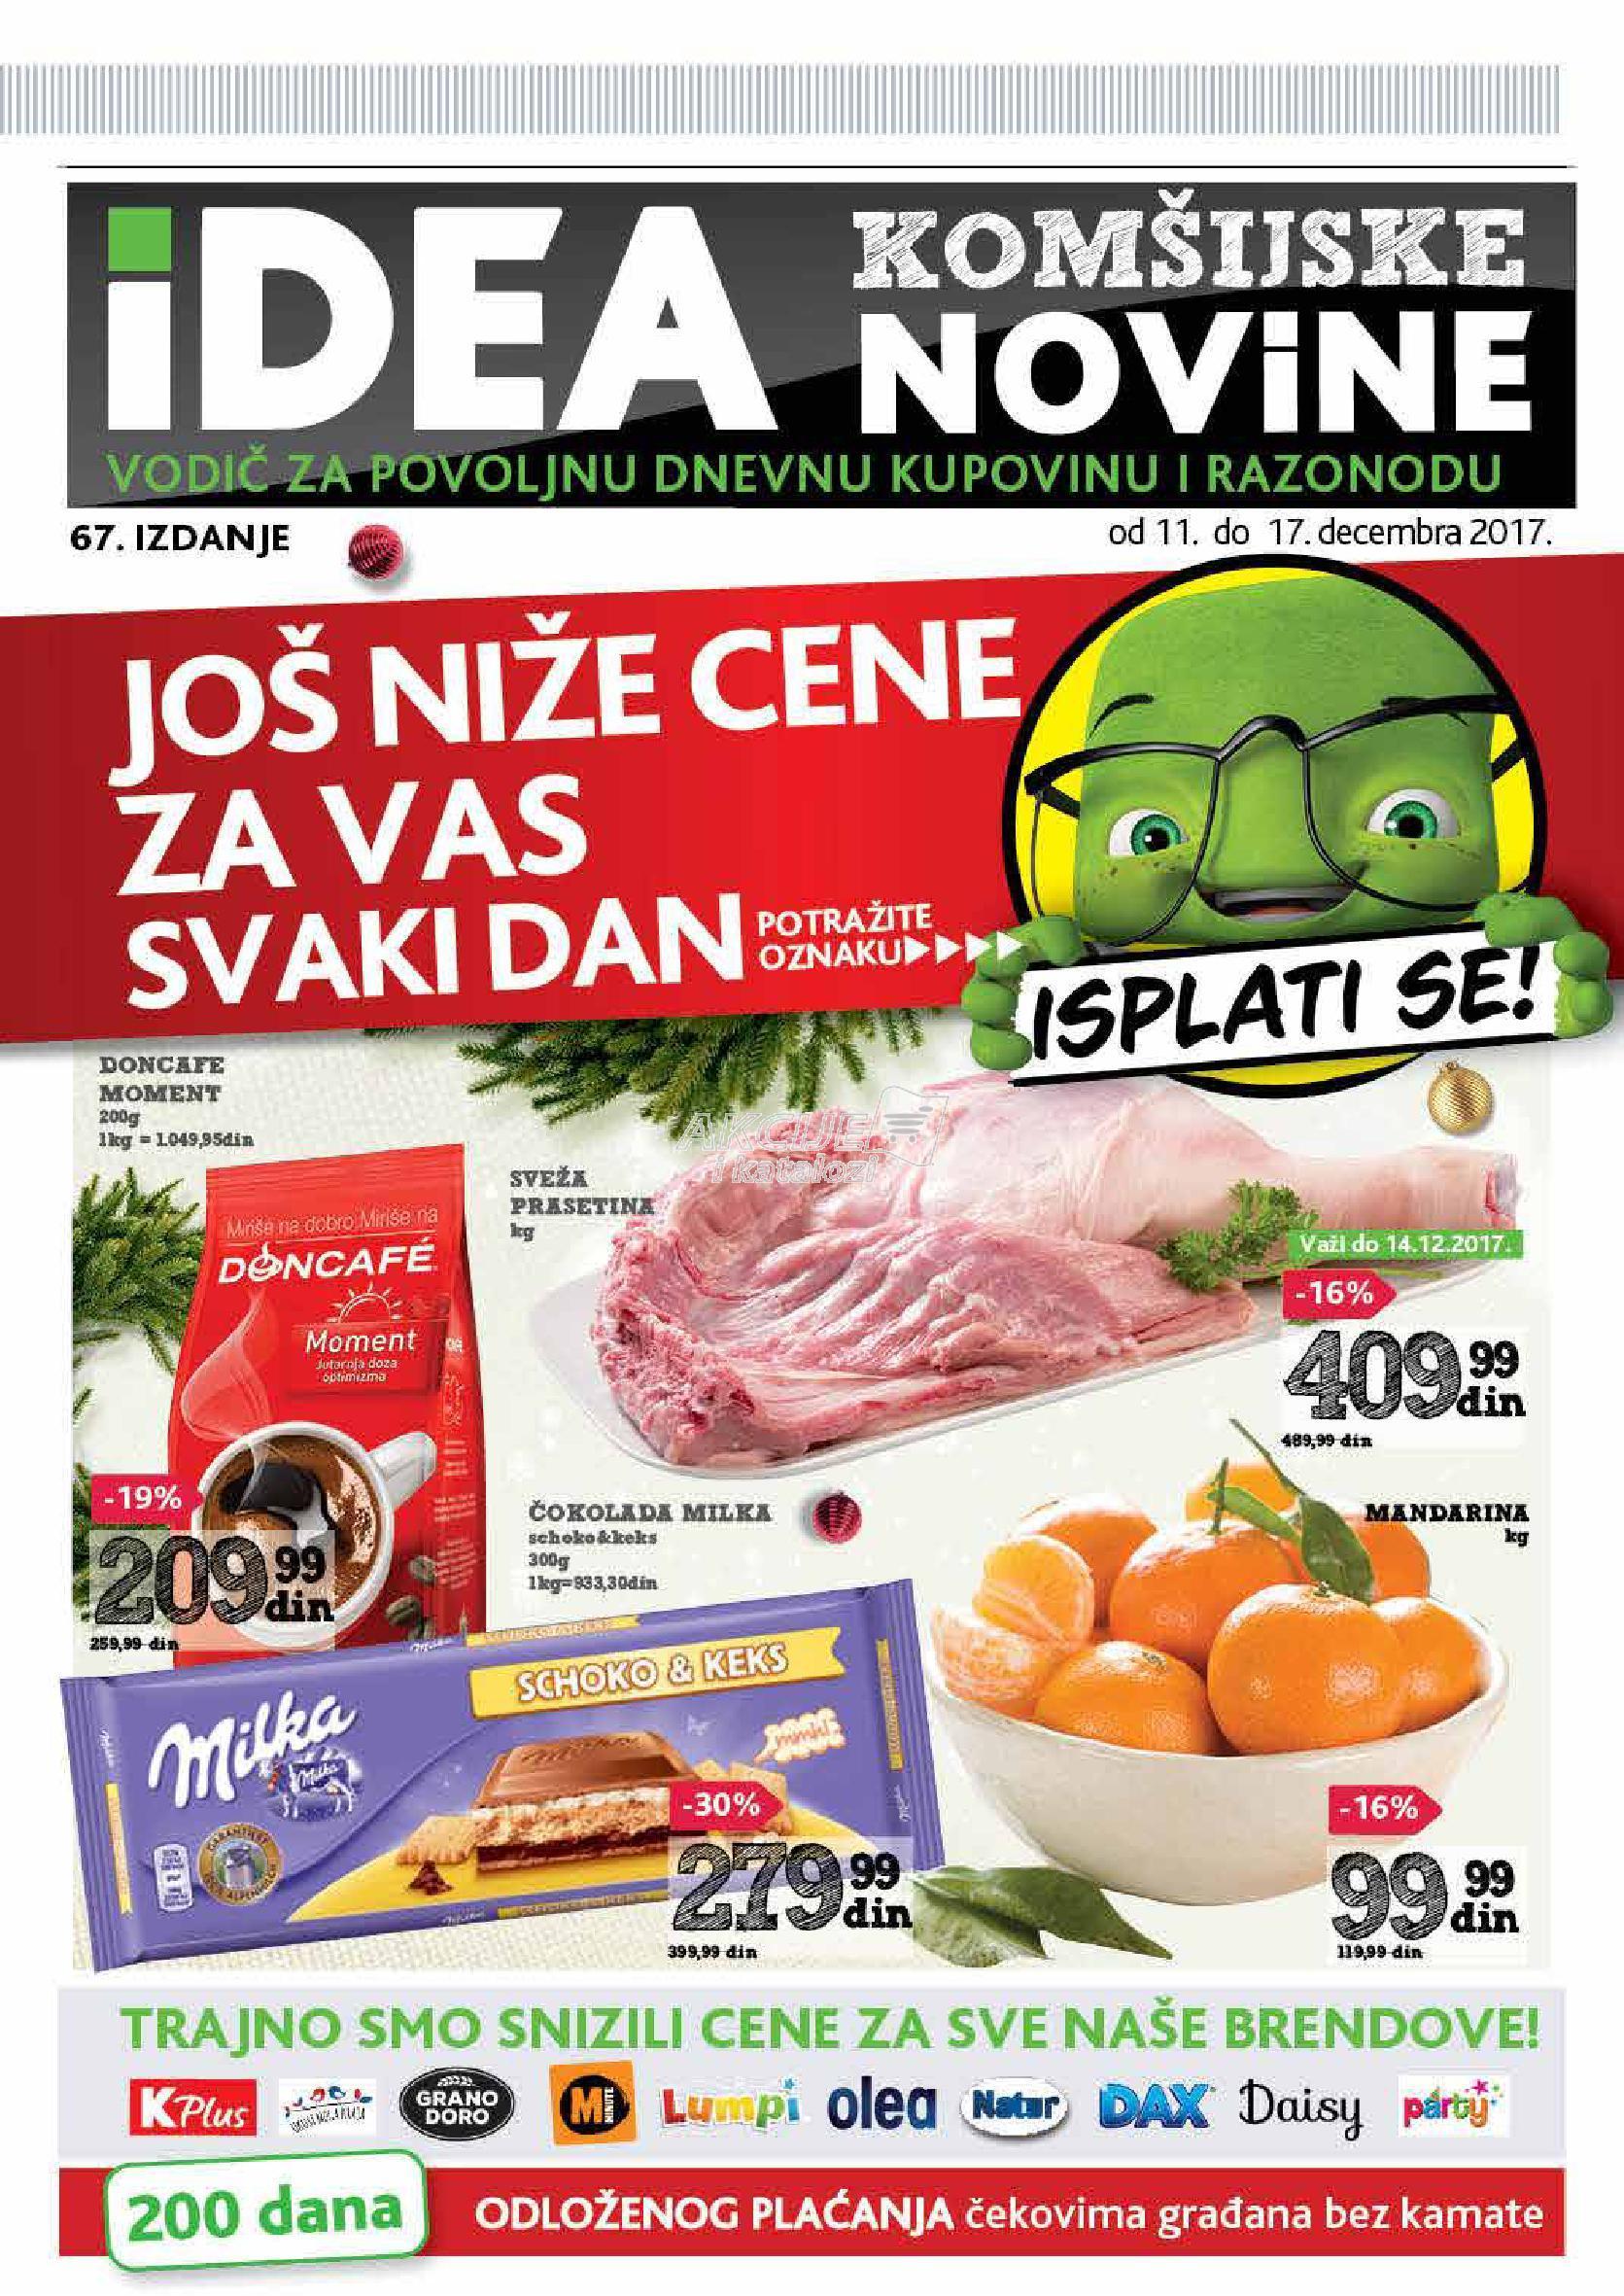 Idea - Redovna akcija komšijske K Plus novine